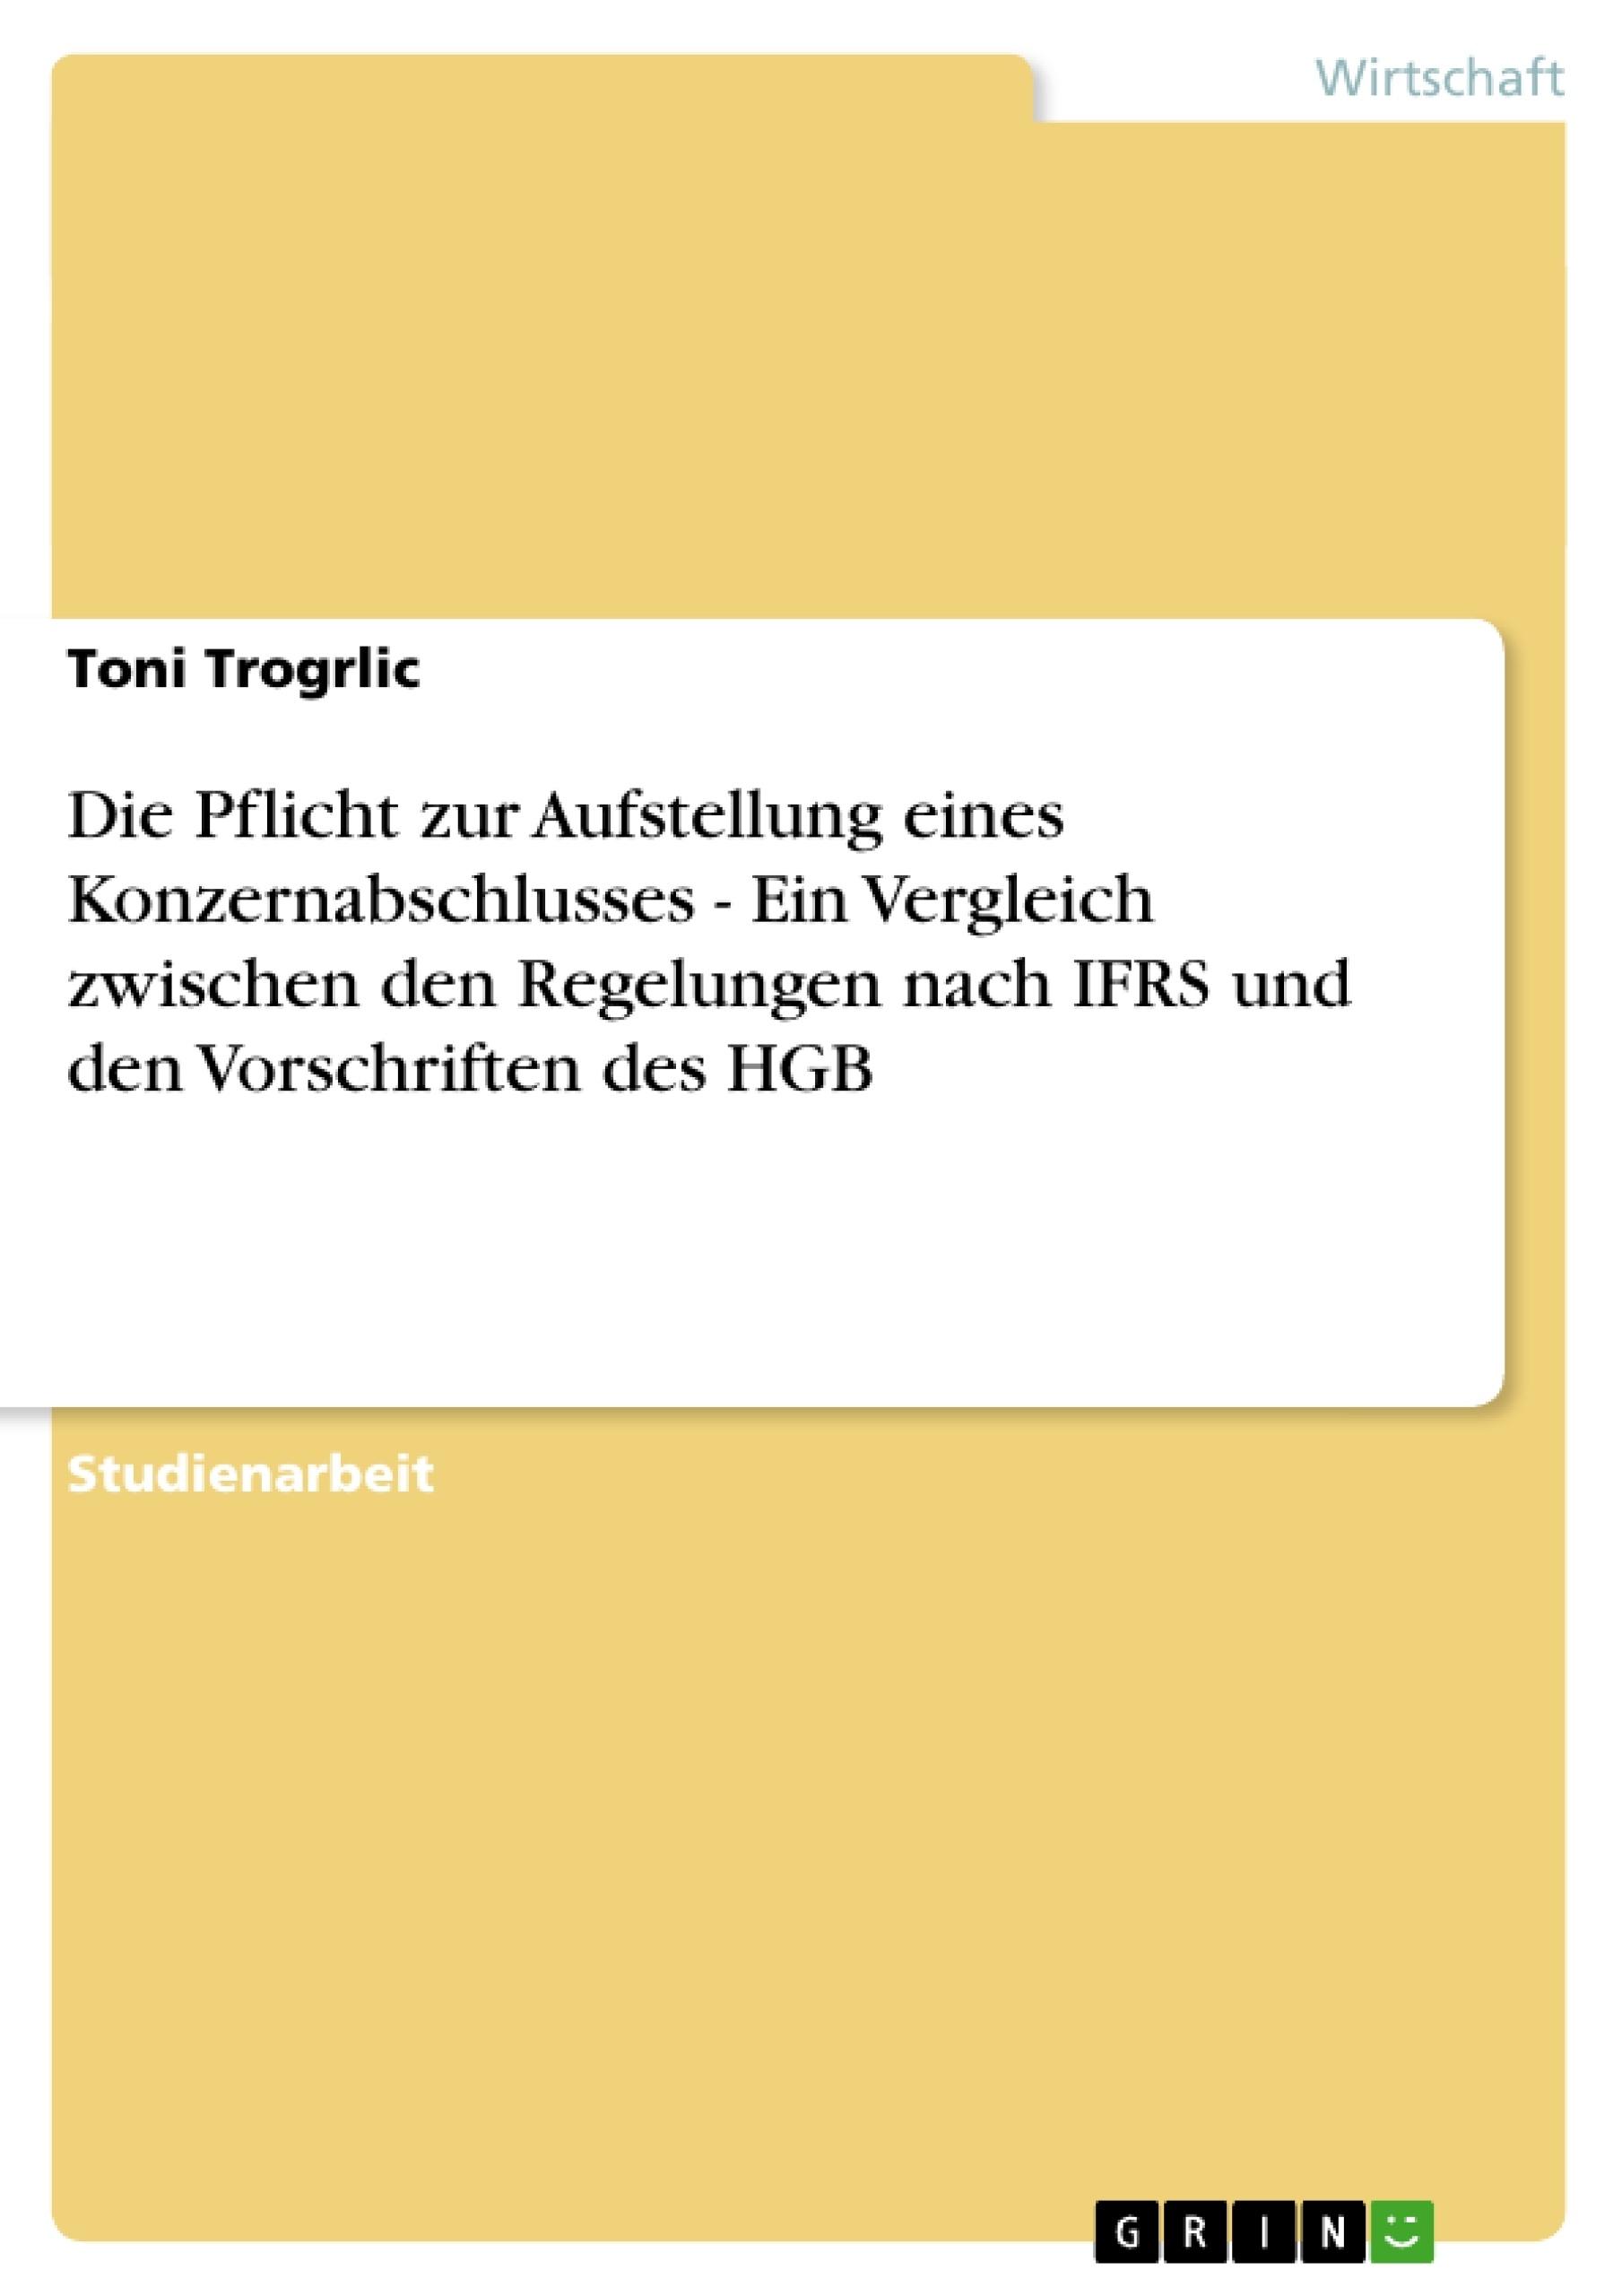 Titel: Die Pflicht zur Aufstellung eines Konzernabschlusses - Ein Vergleich zwischen den Regelungen nach IFRS und den Vorschriften des HGB